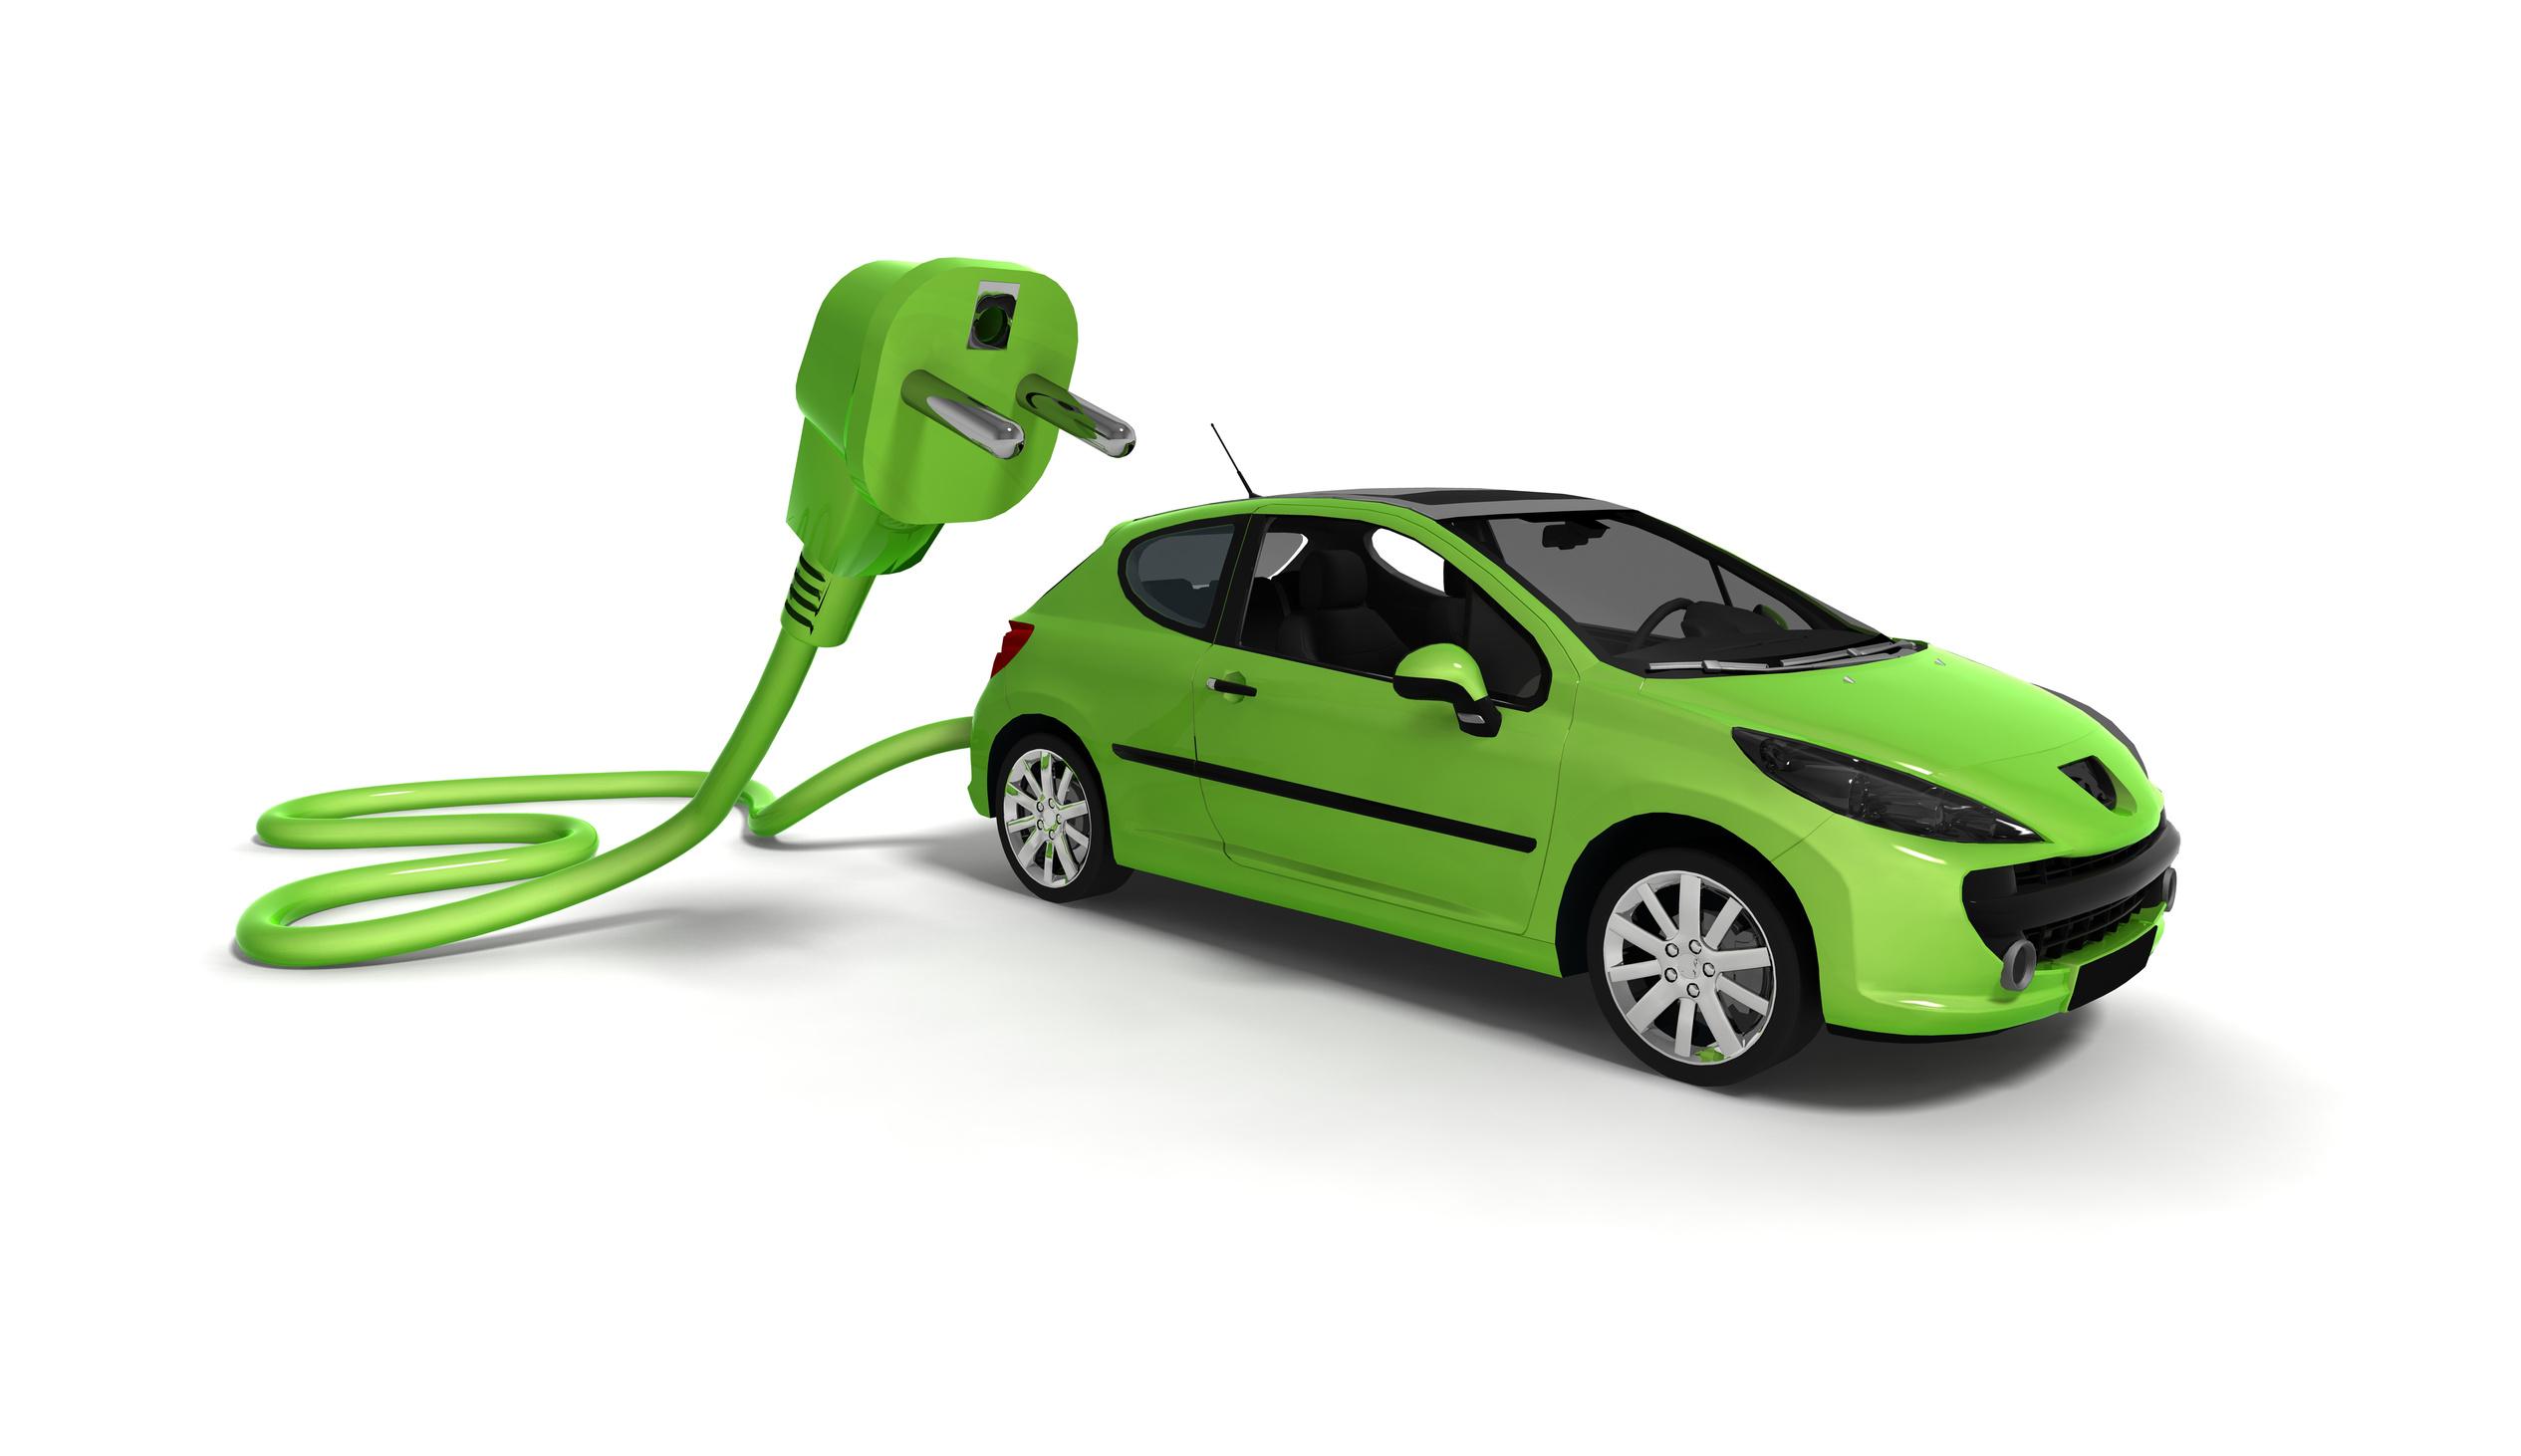 ВТверской области ивсей России электро-автомобили получат преимущество class=